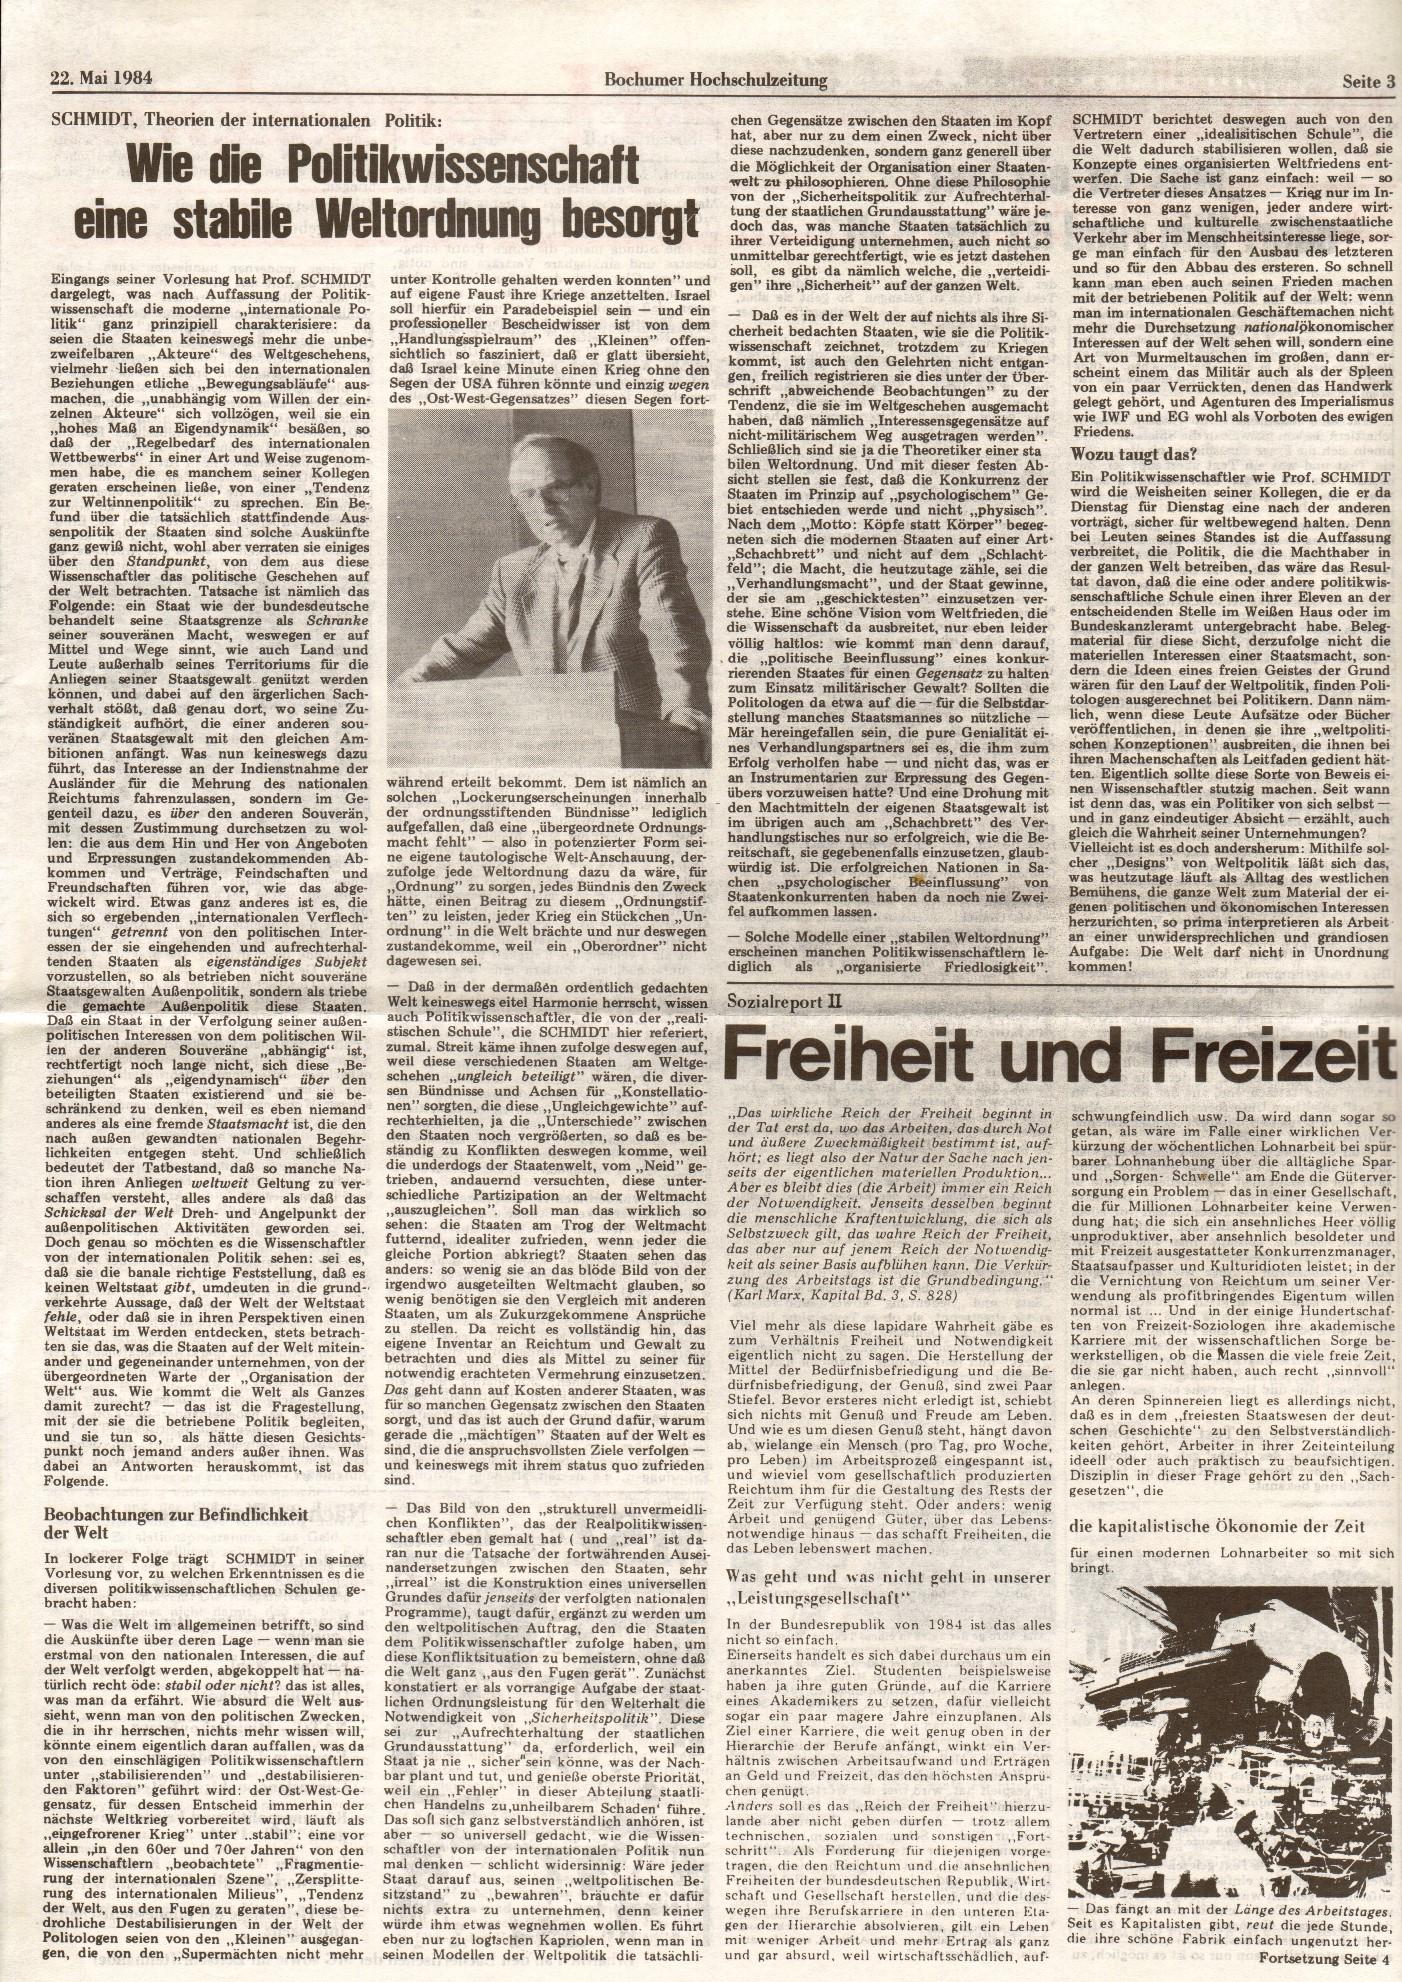 MG_Bochumer_Hochschulzeitung_19840522_03